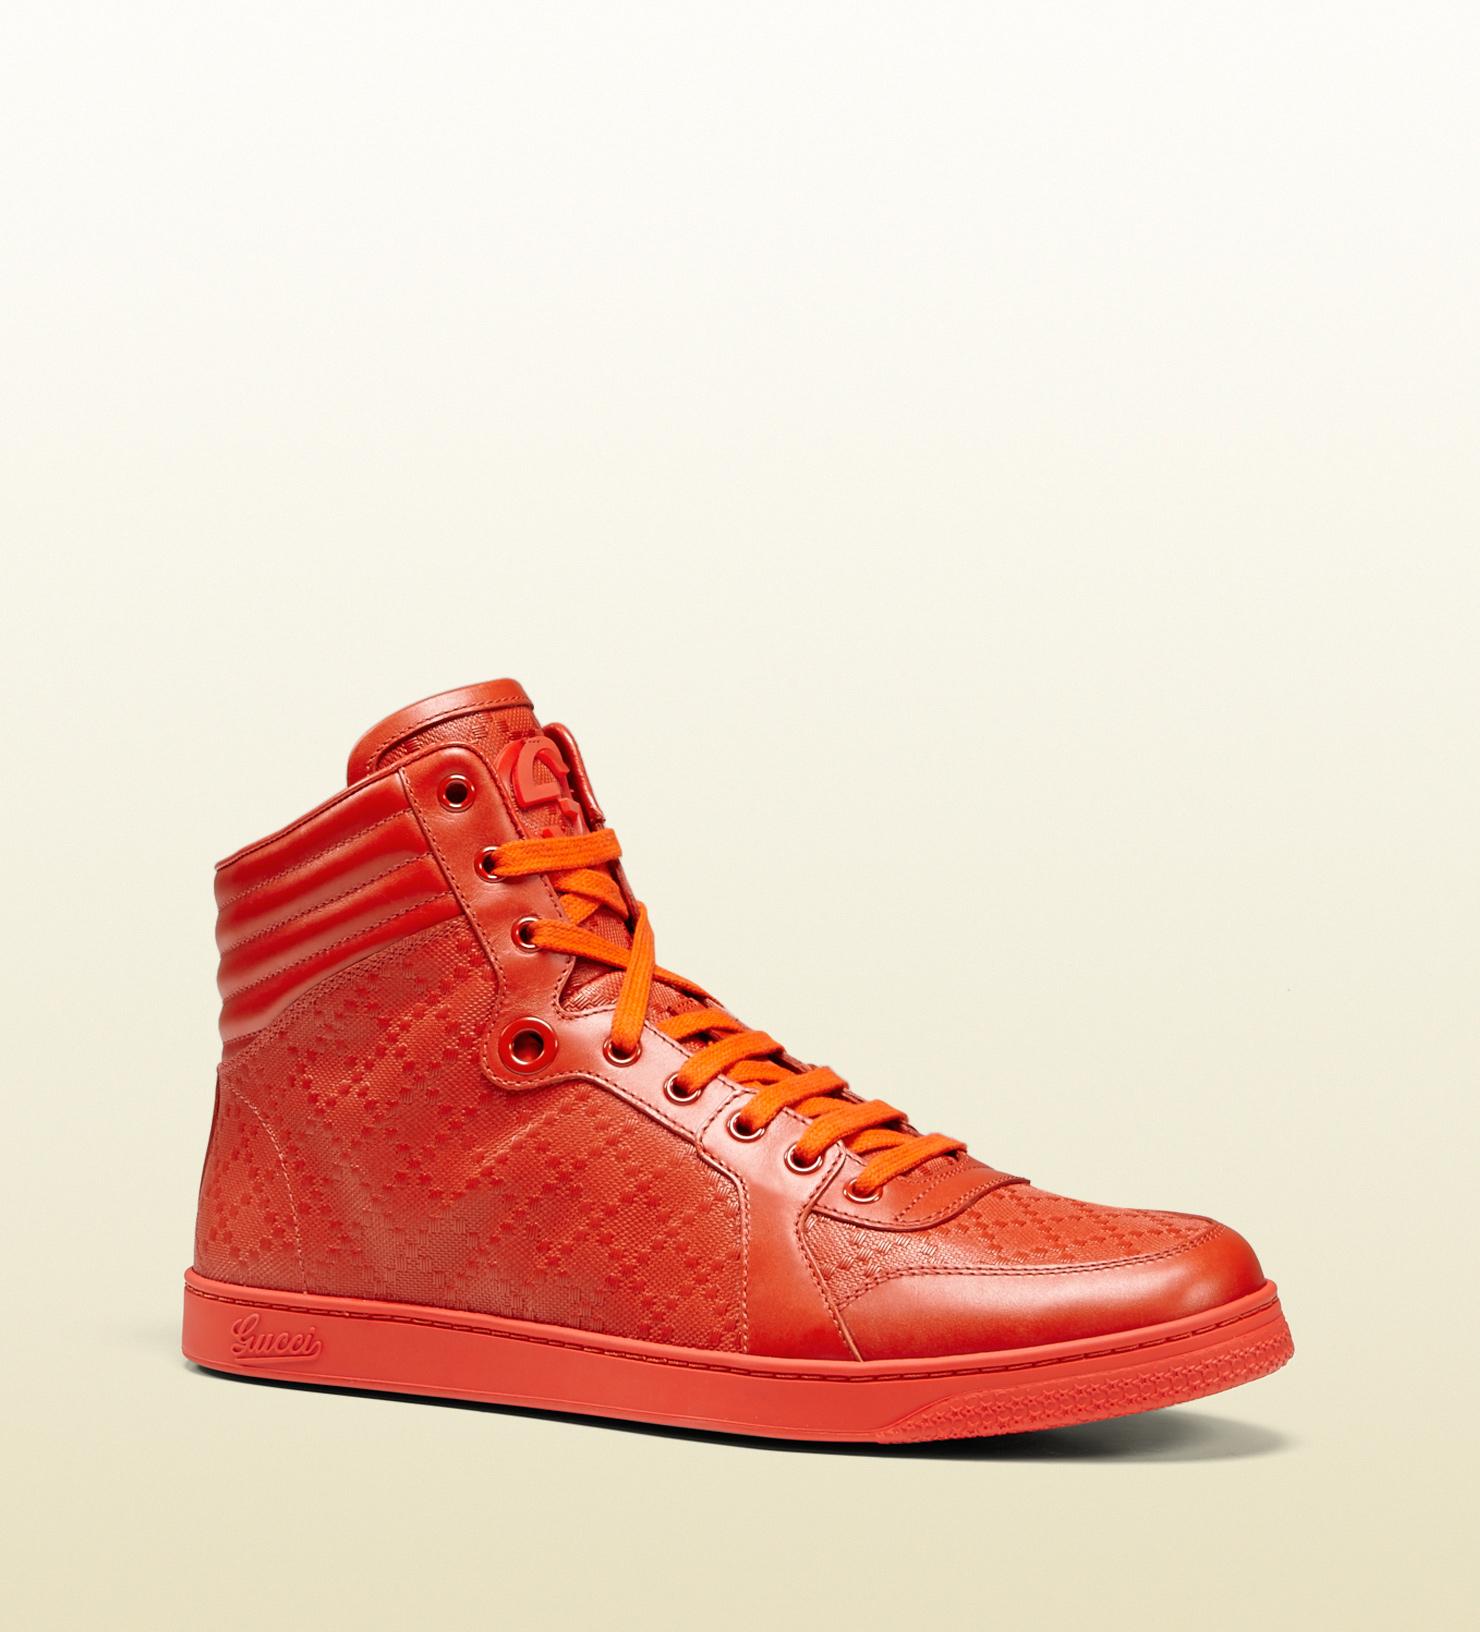 282171e14 Gucci Diamante Leather High-top Sneaker in Orange for Men - Lyst